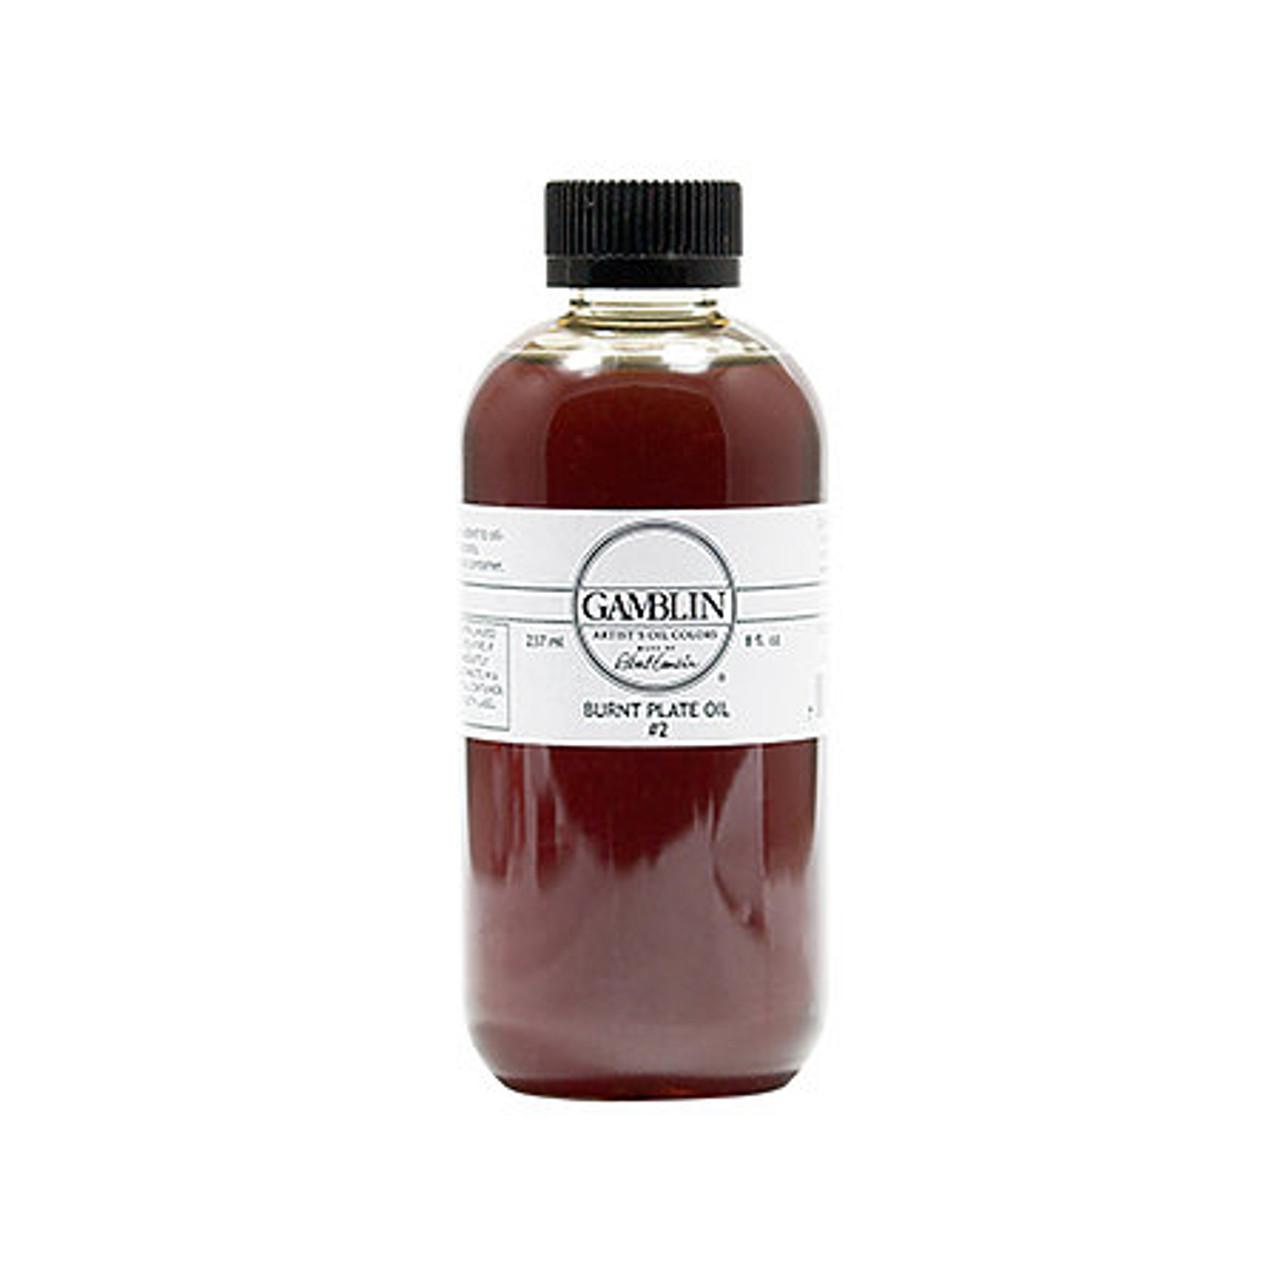 Gamblin Burnt Plate Oil #2